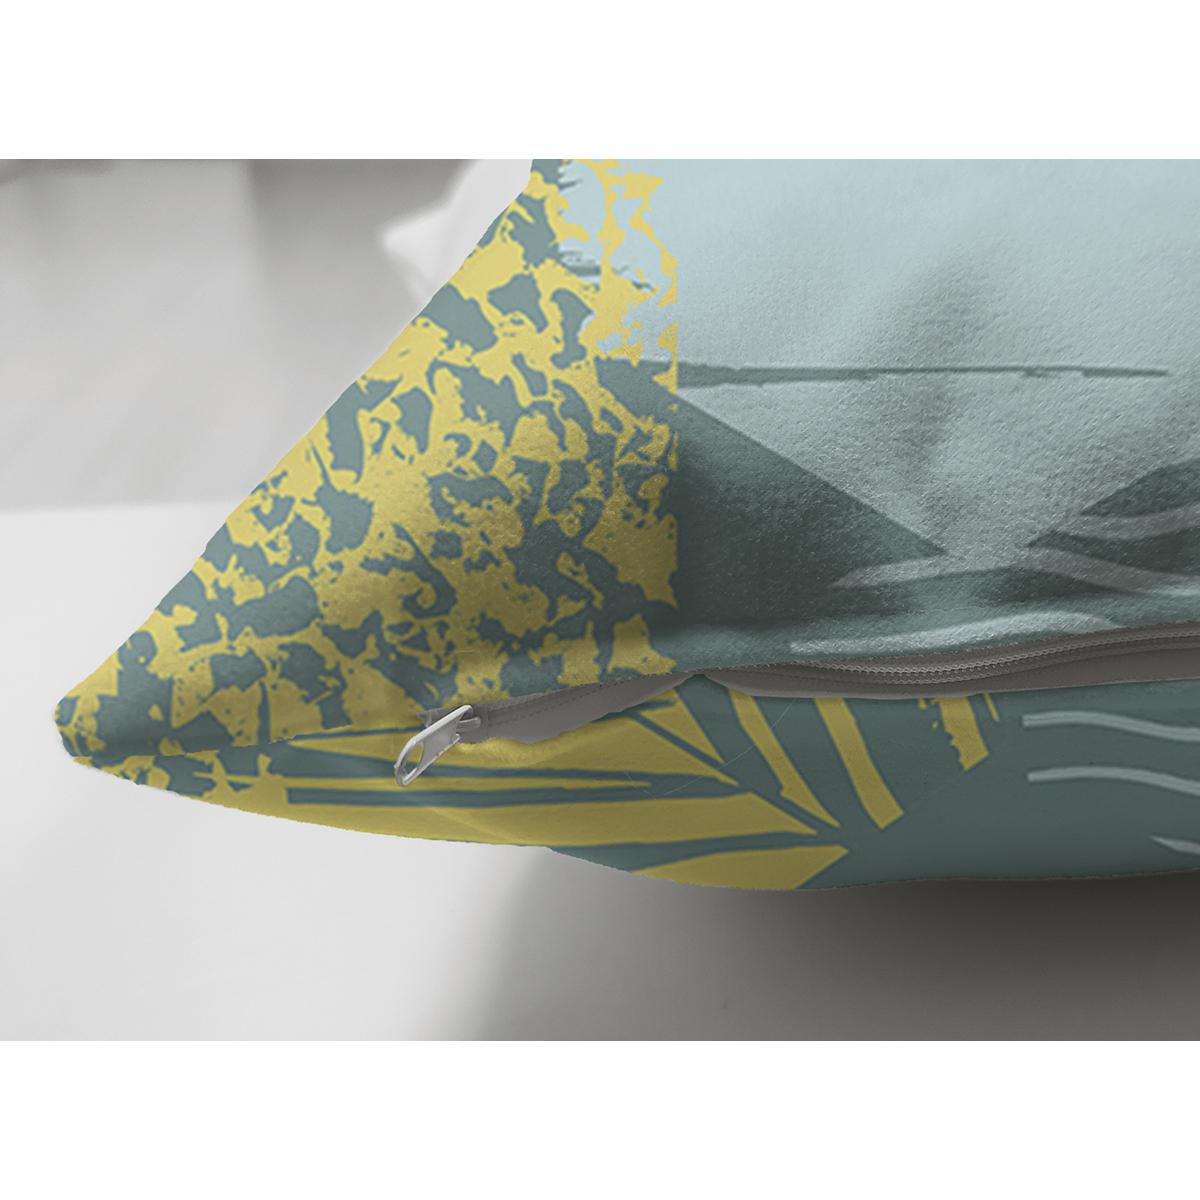 Çift Taraflı Renkli Zemin Üzerinde Onedraw Çizimli Yaprak Motifli Süet Yastık Kırlent Kılıfı Realhomes